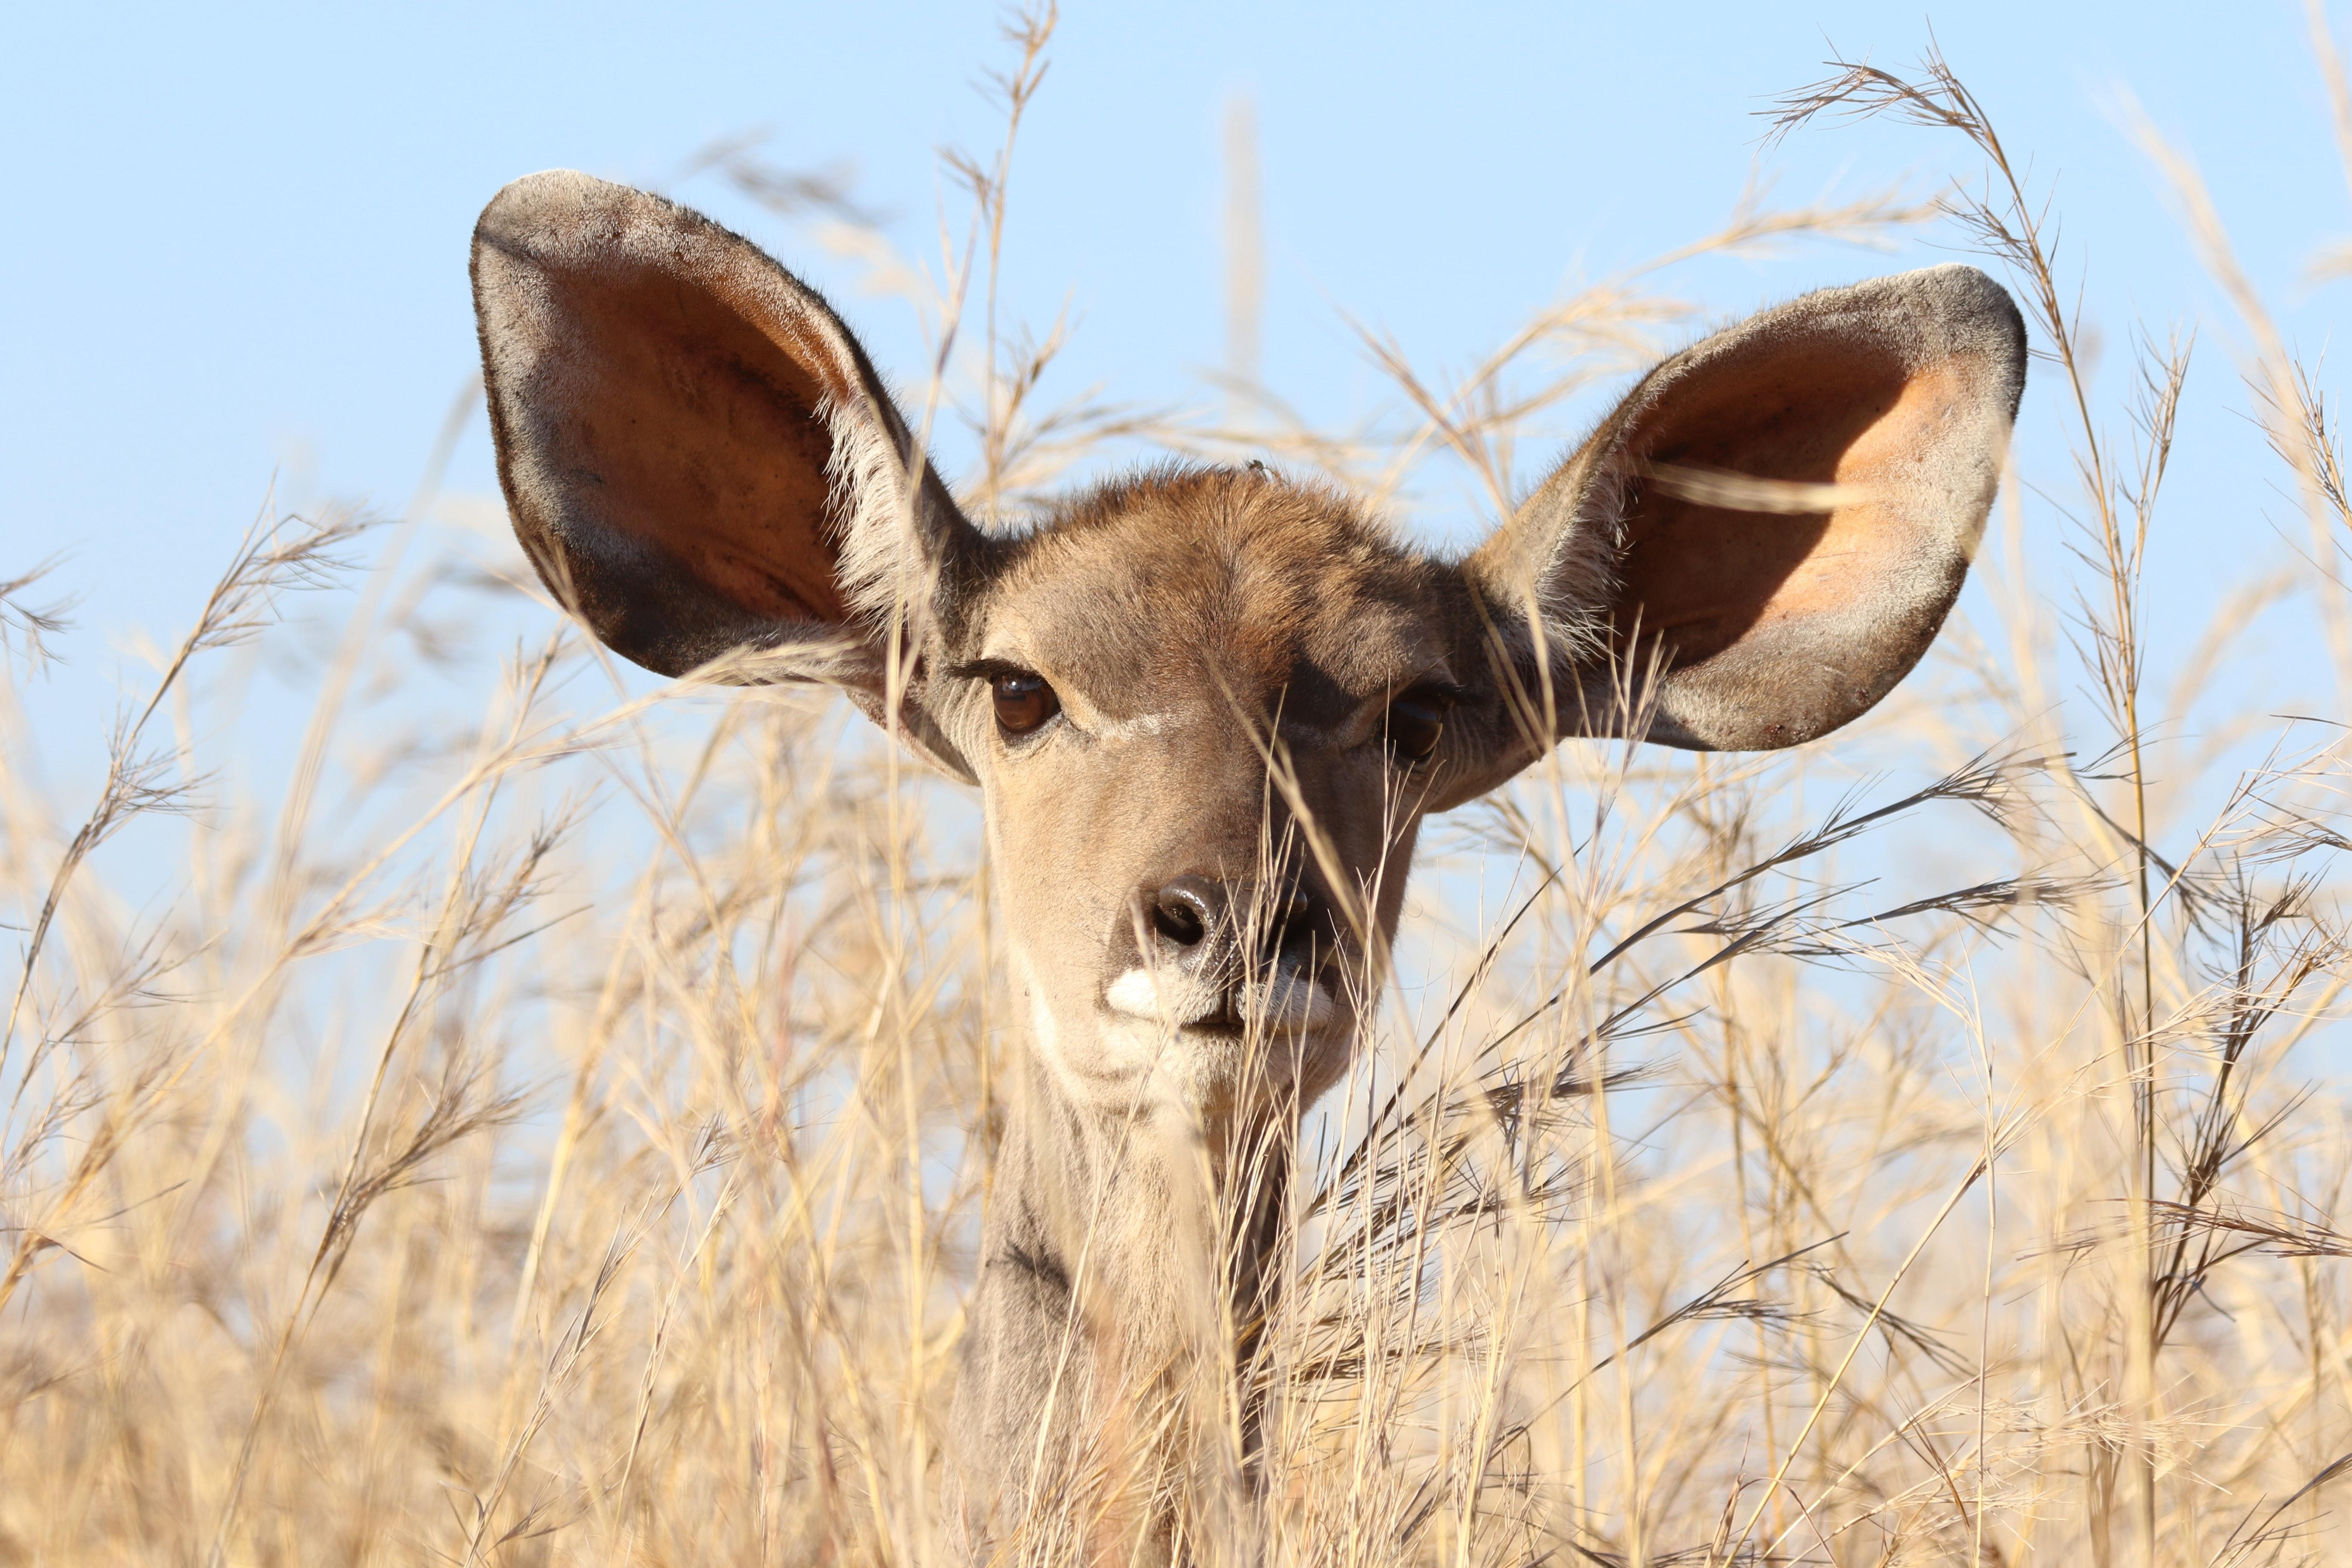 Animal animal photography barbaric 561870